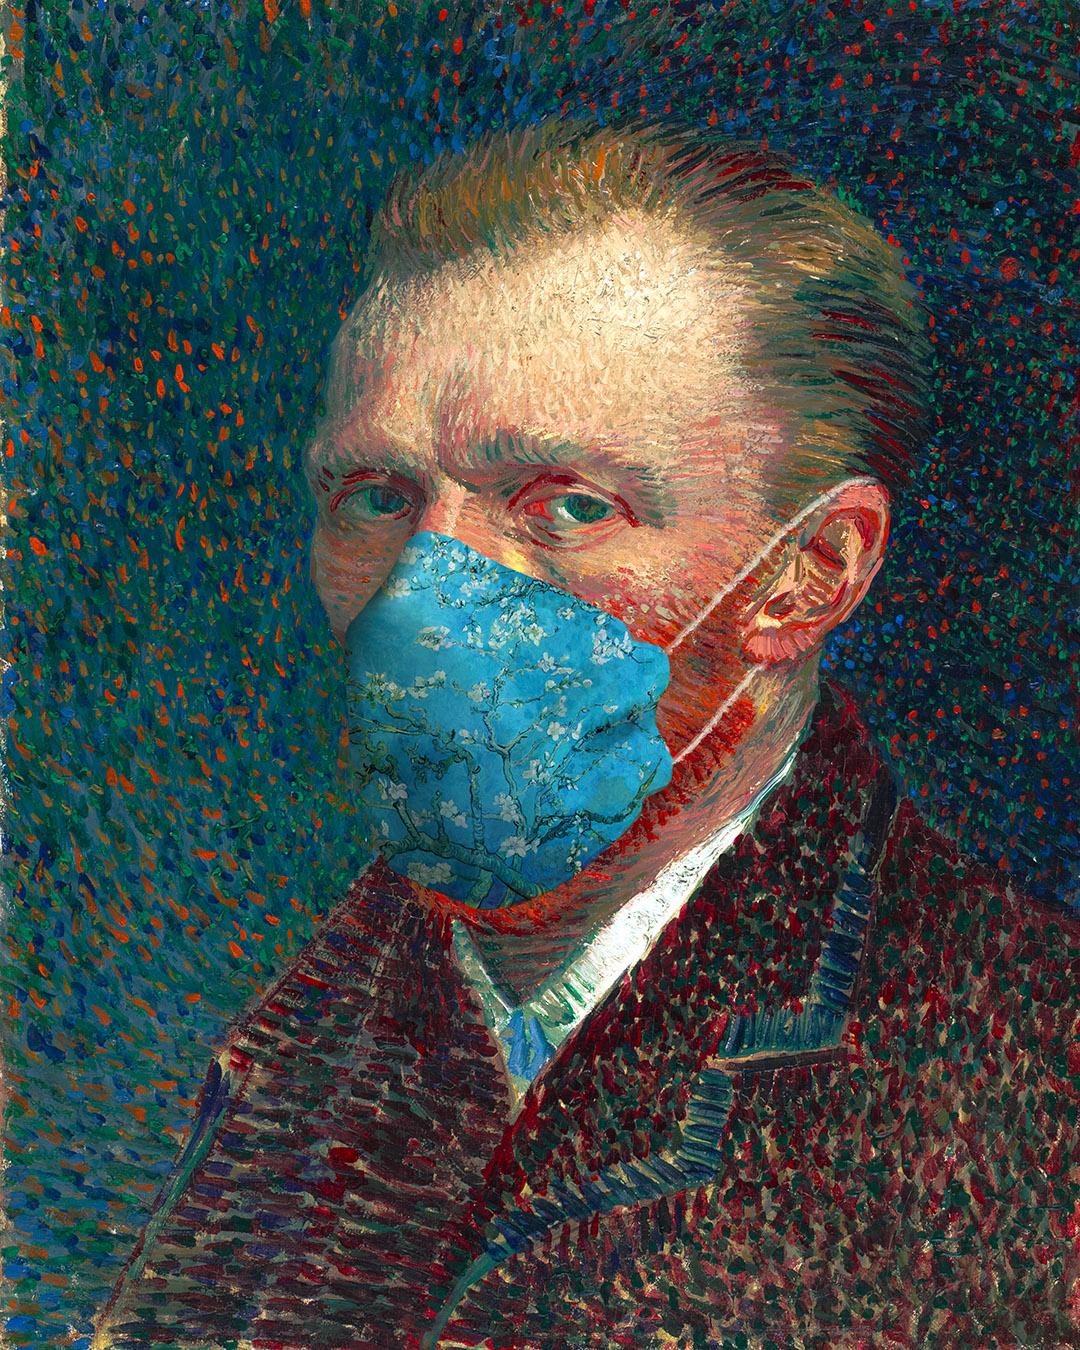 Masked Vincent Van Gogh by Nikki Smith